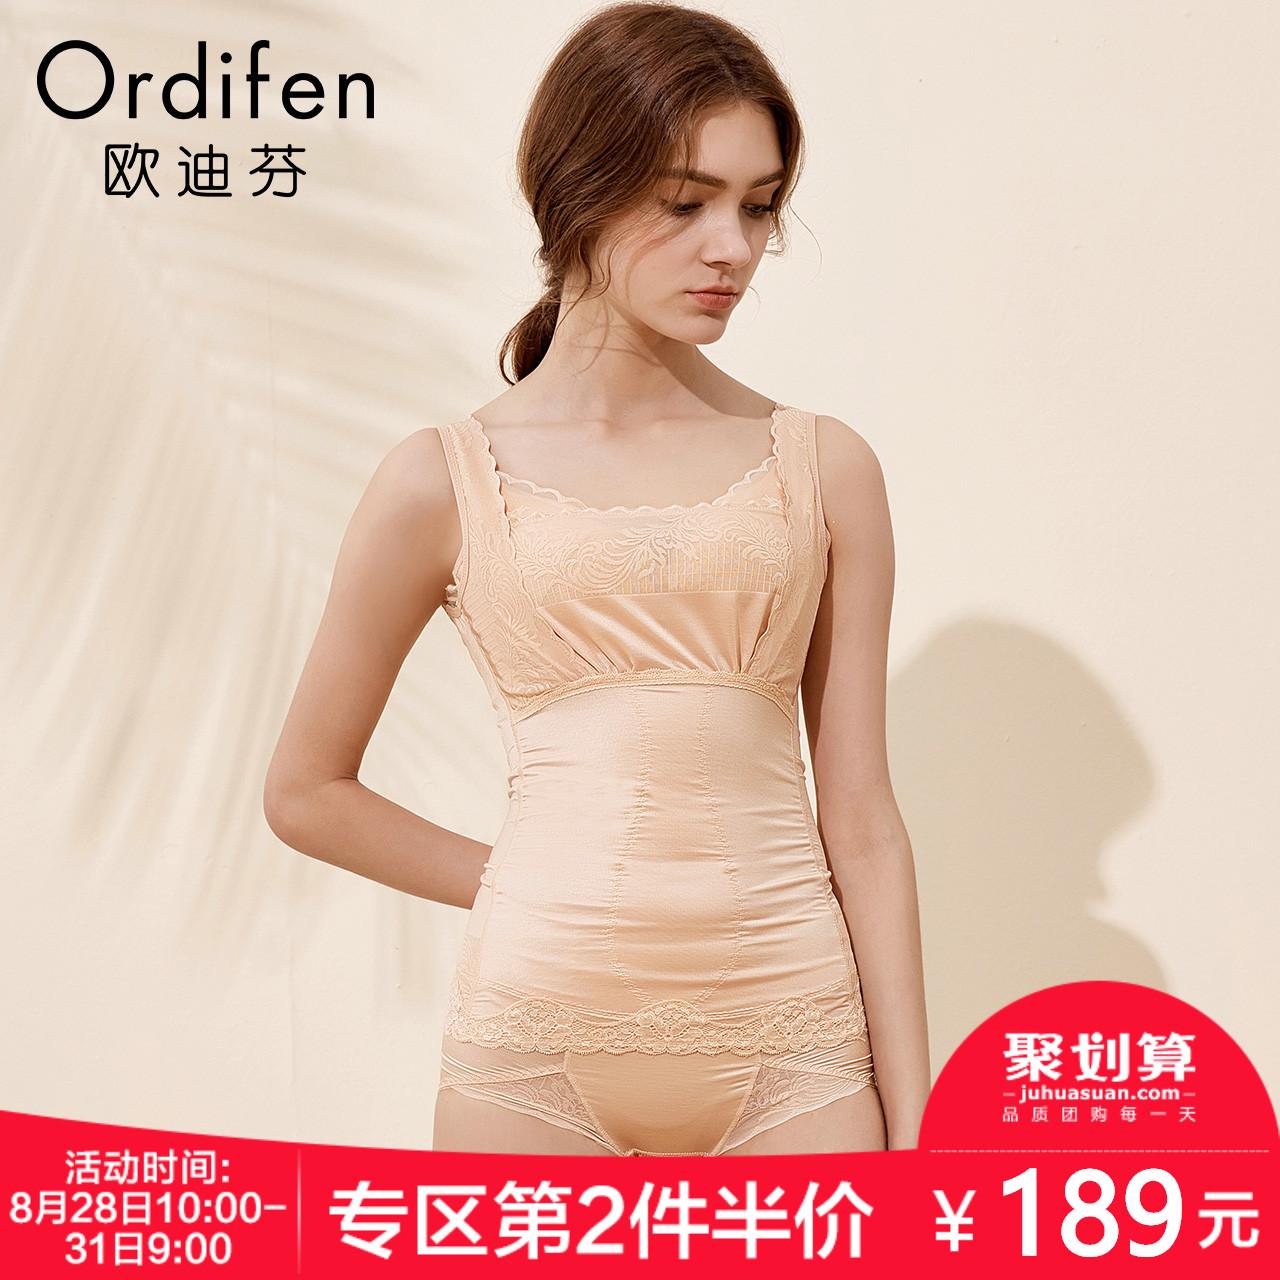 欧迪芬 女士舒适贴身收腹束胸内衣束腰背心无袖紧身胸衣XE8101